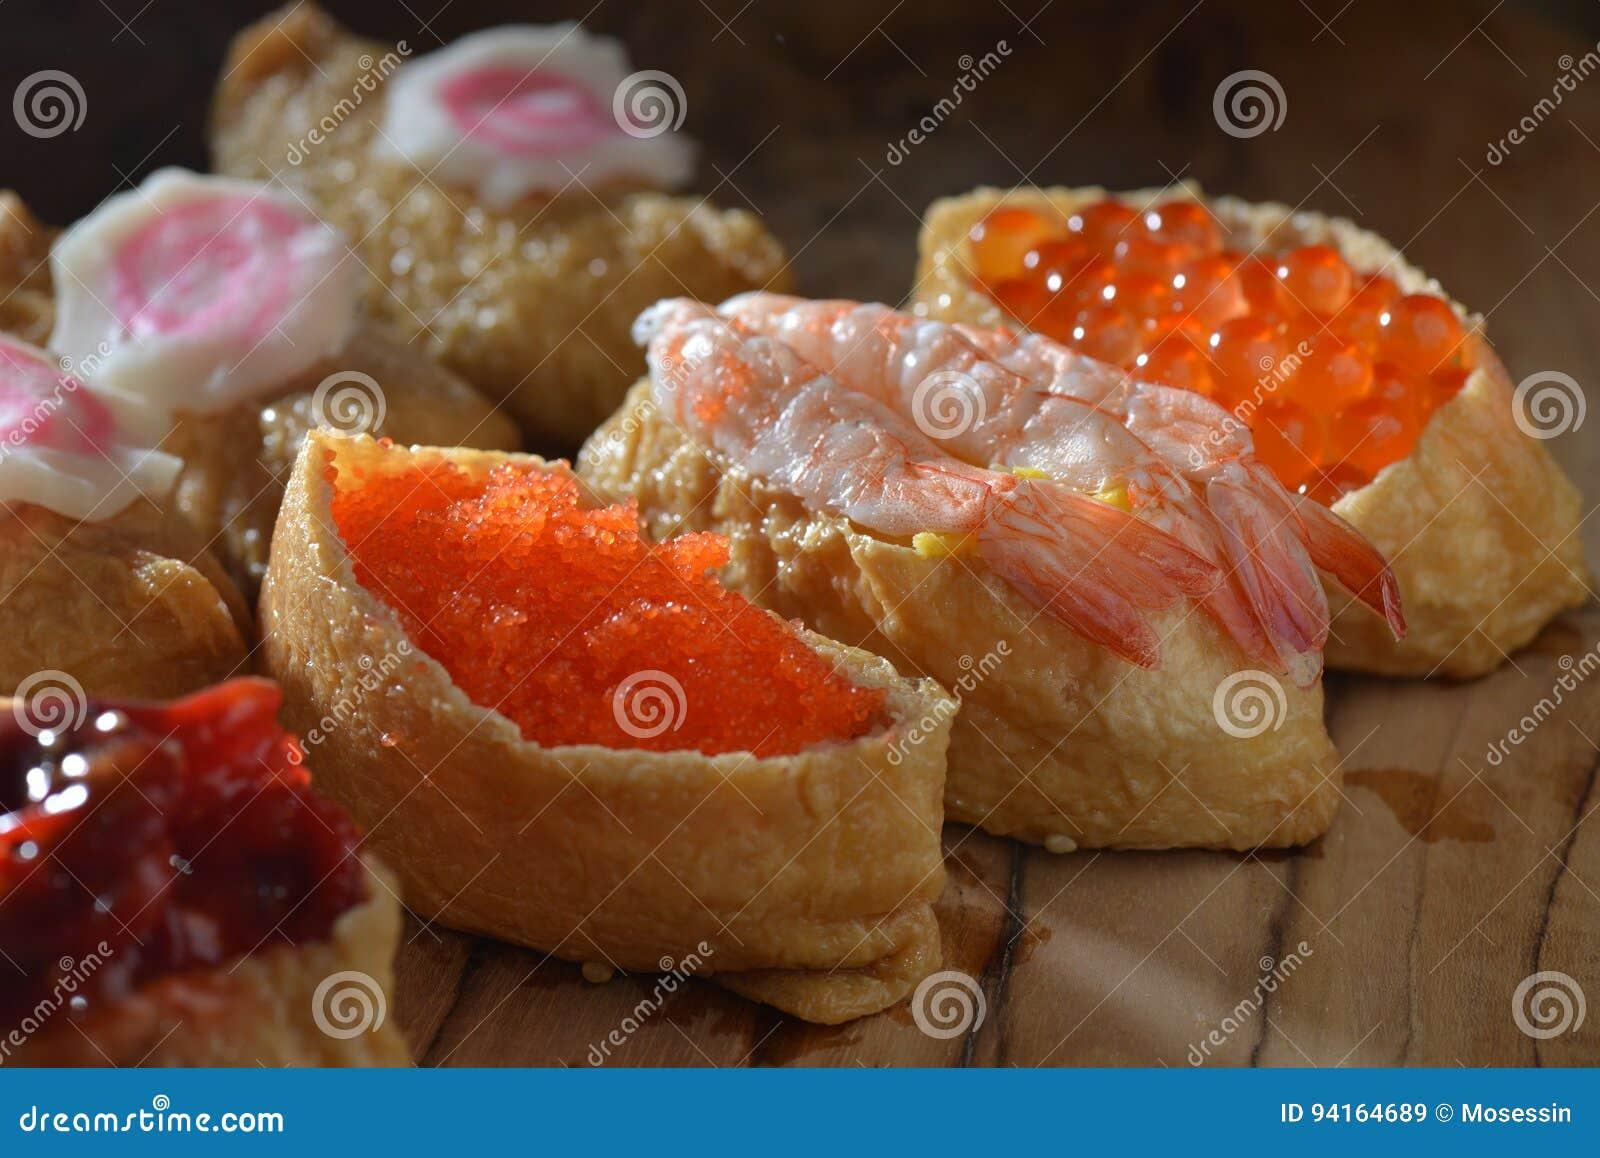 Shrimp Crab Roe Sushi Stock Image Image Of Wasabi Rice 94164689